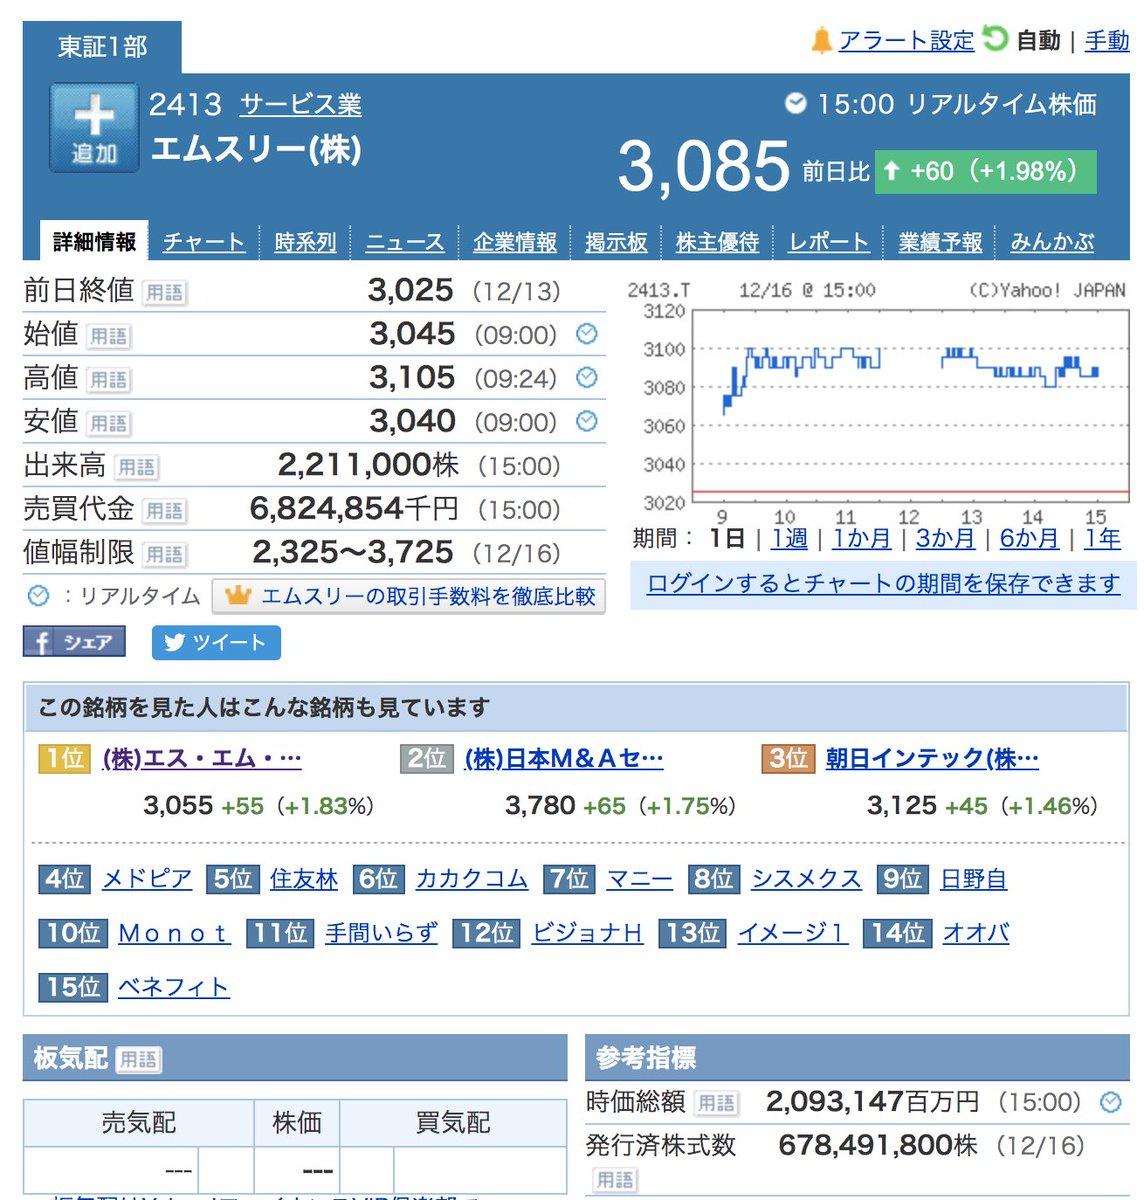 総額 富士通 時価 世界情勢で激変!「時価総額ランキング」TOP100